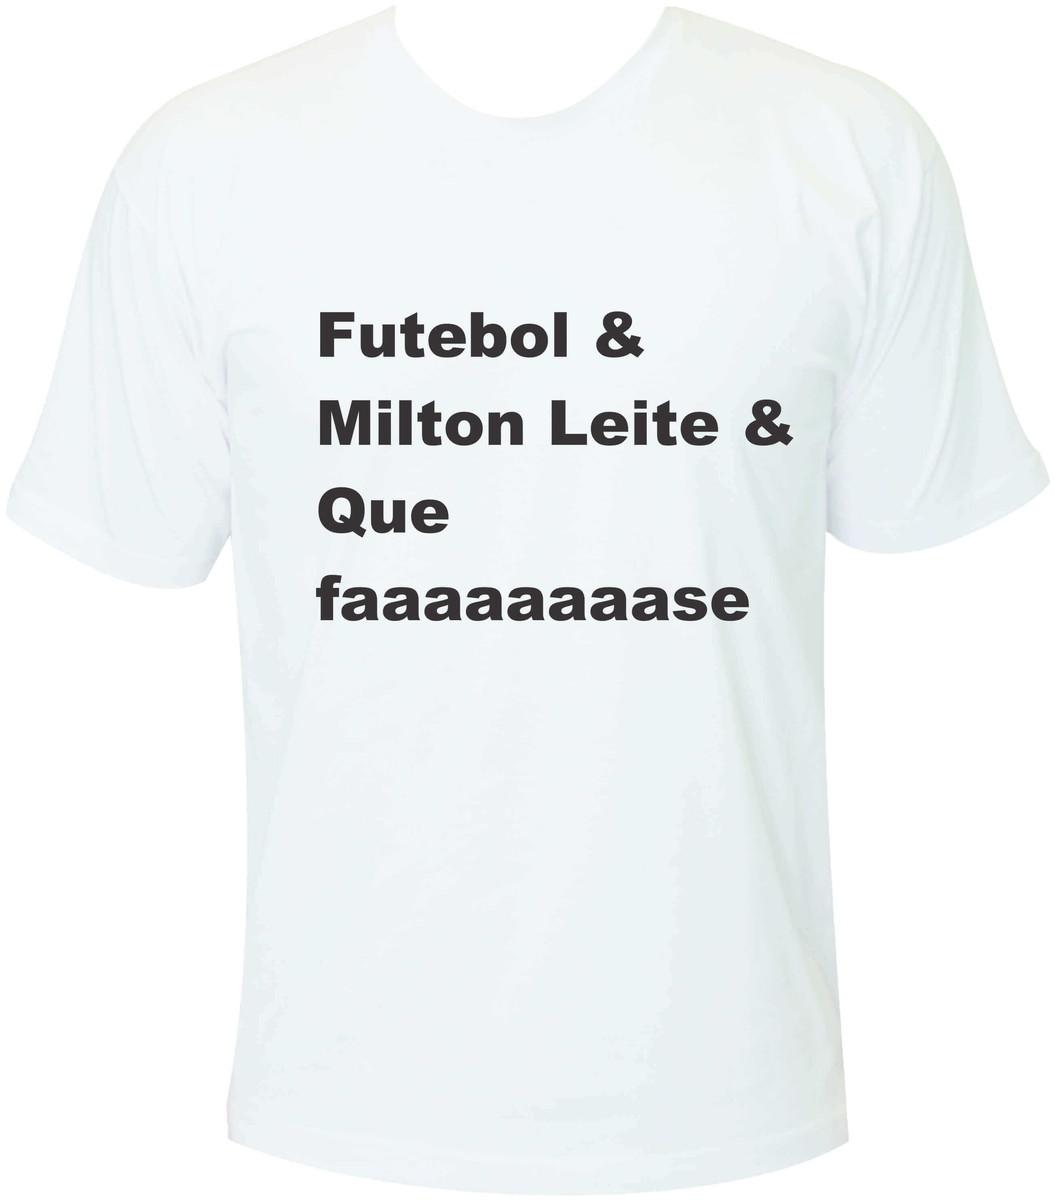 de5a7b17d Futebol   Milton Leite   Que Fase - Camiseta Frases Futebol no Elo7 ...